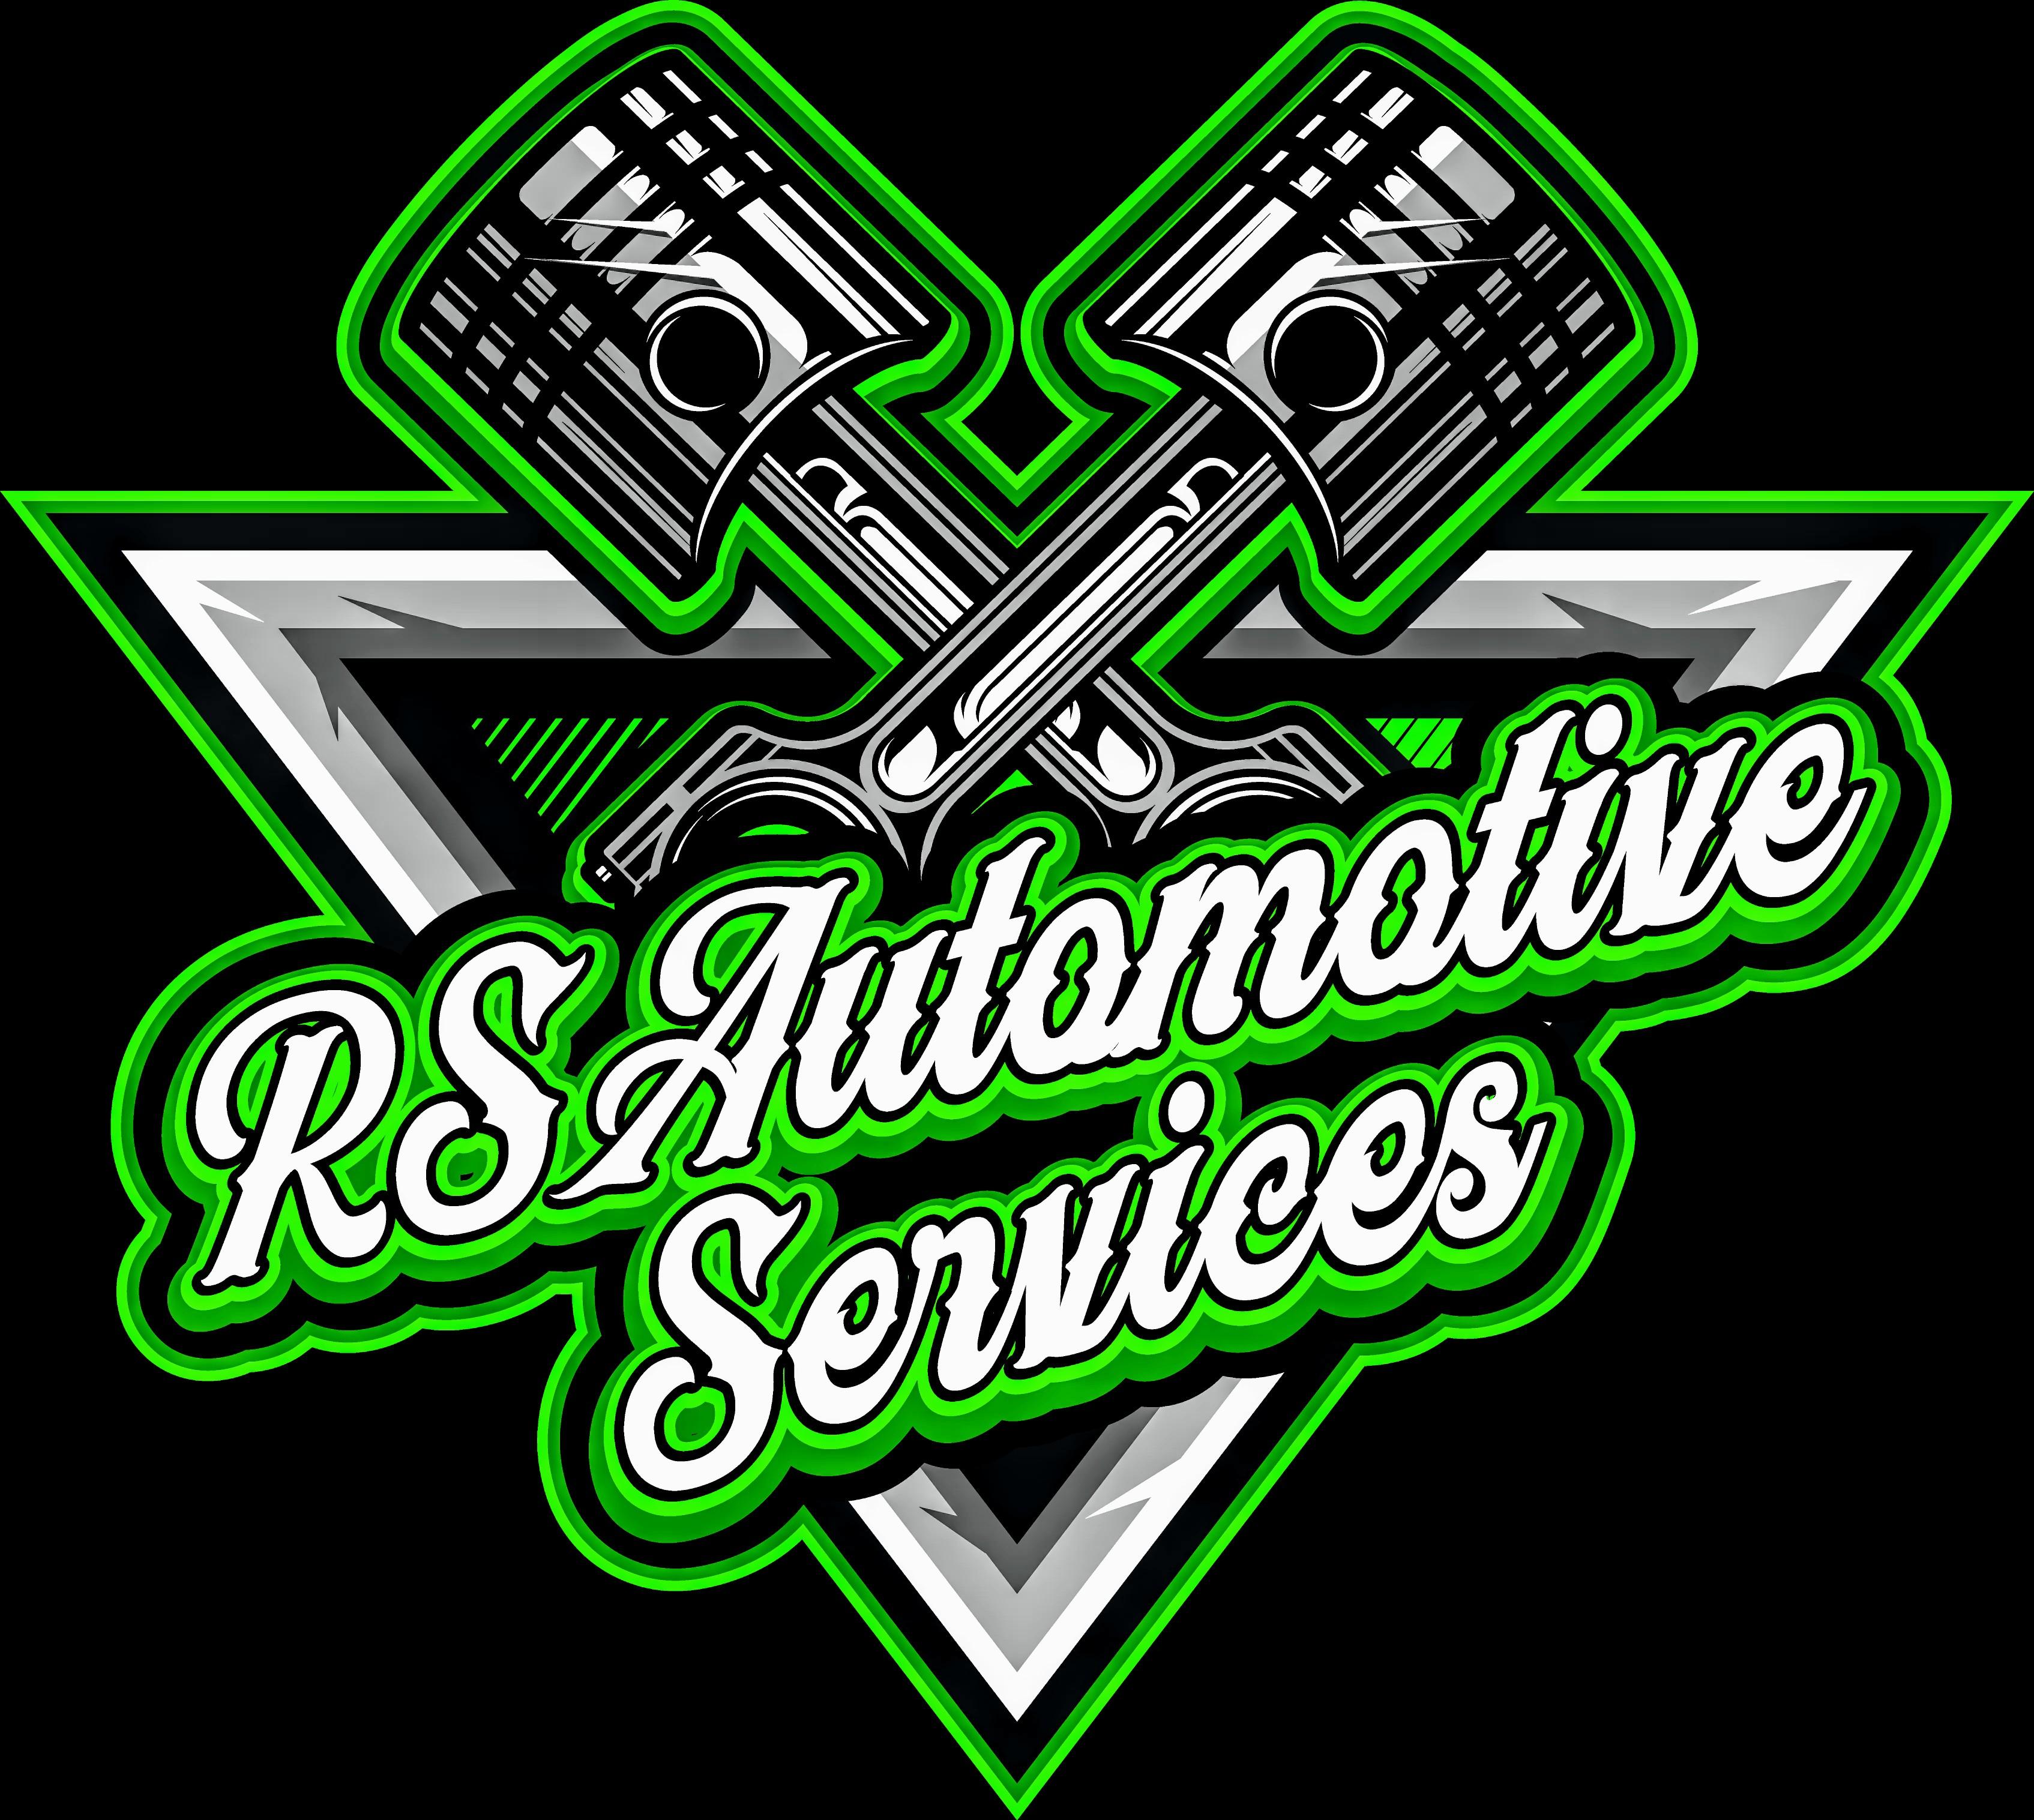 RS Automotive Services